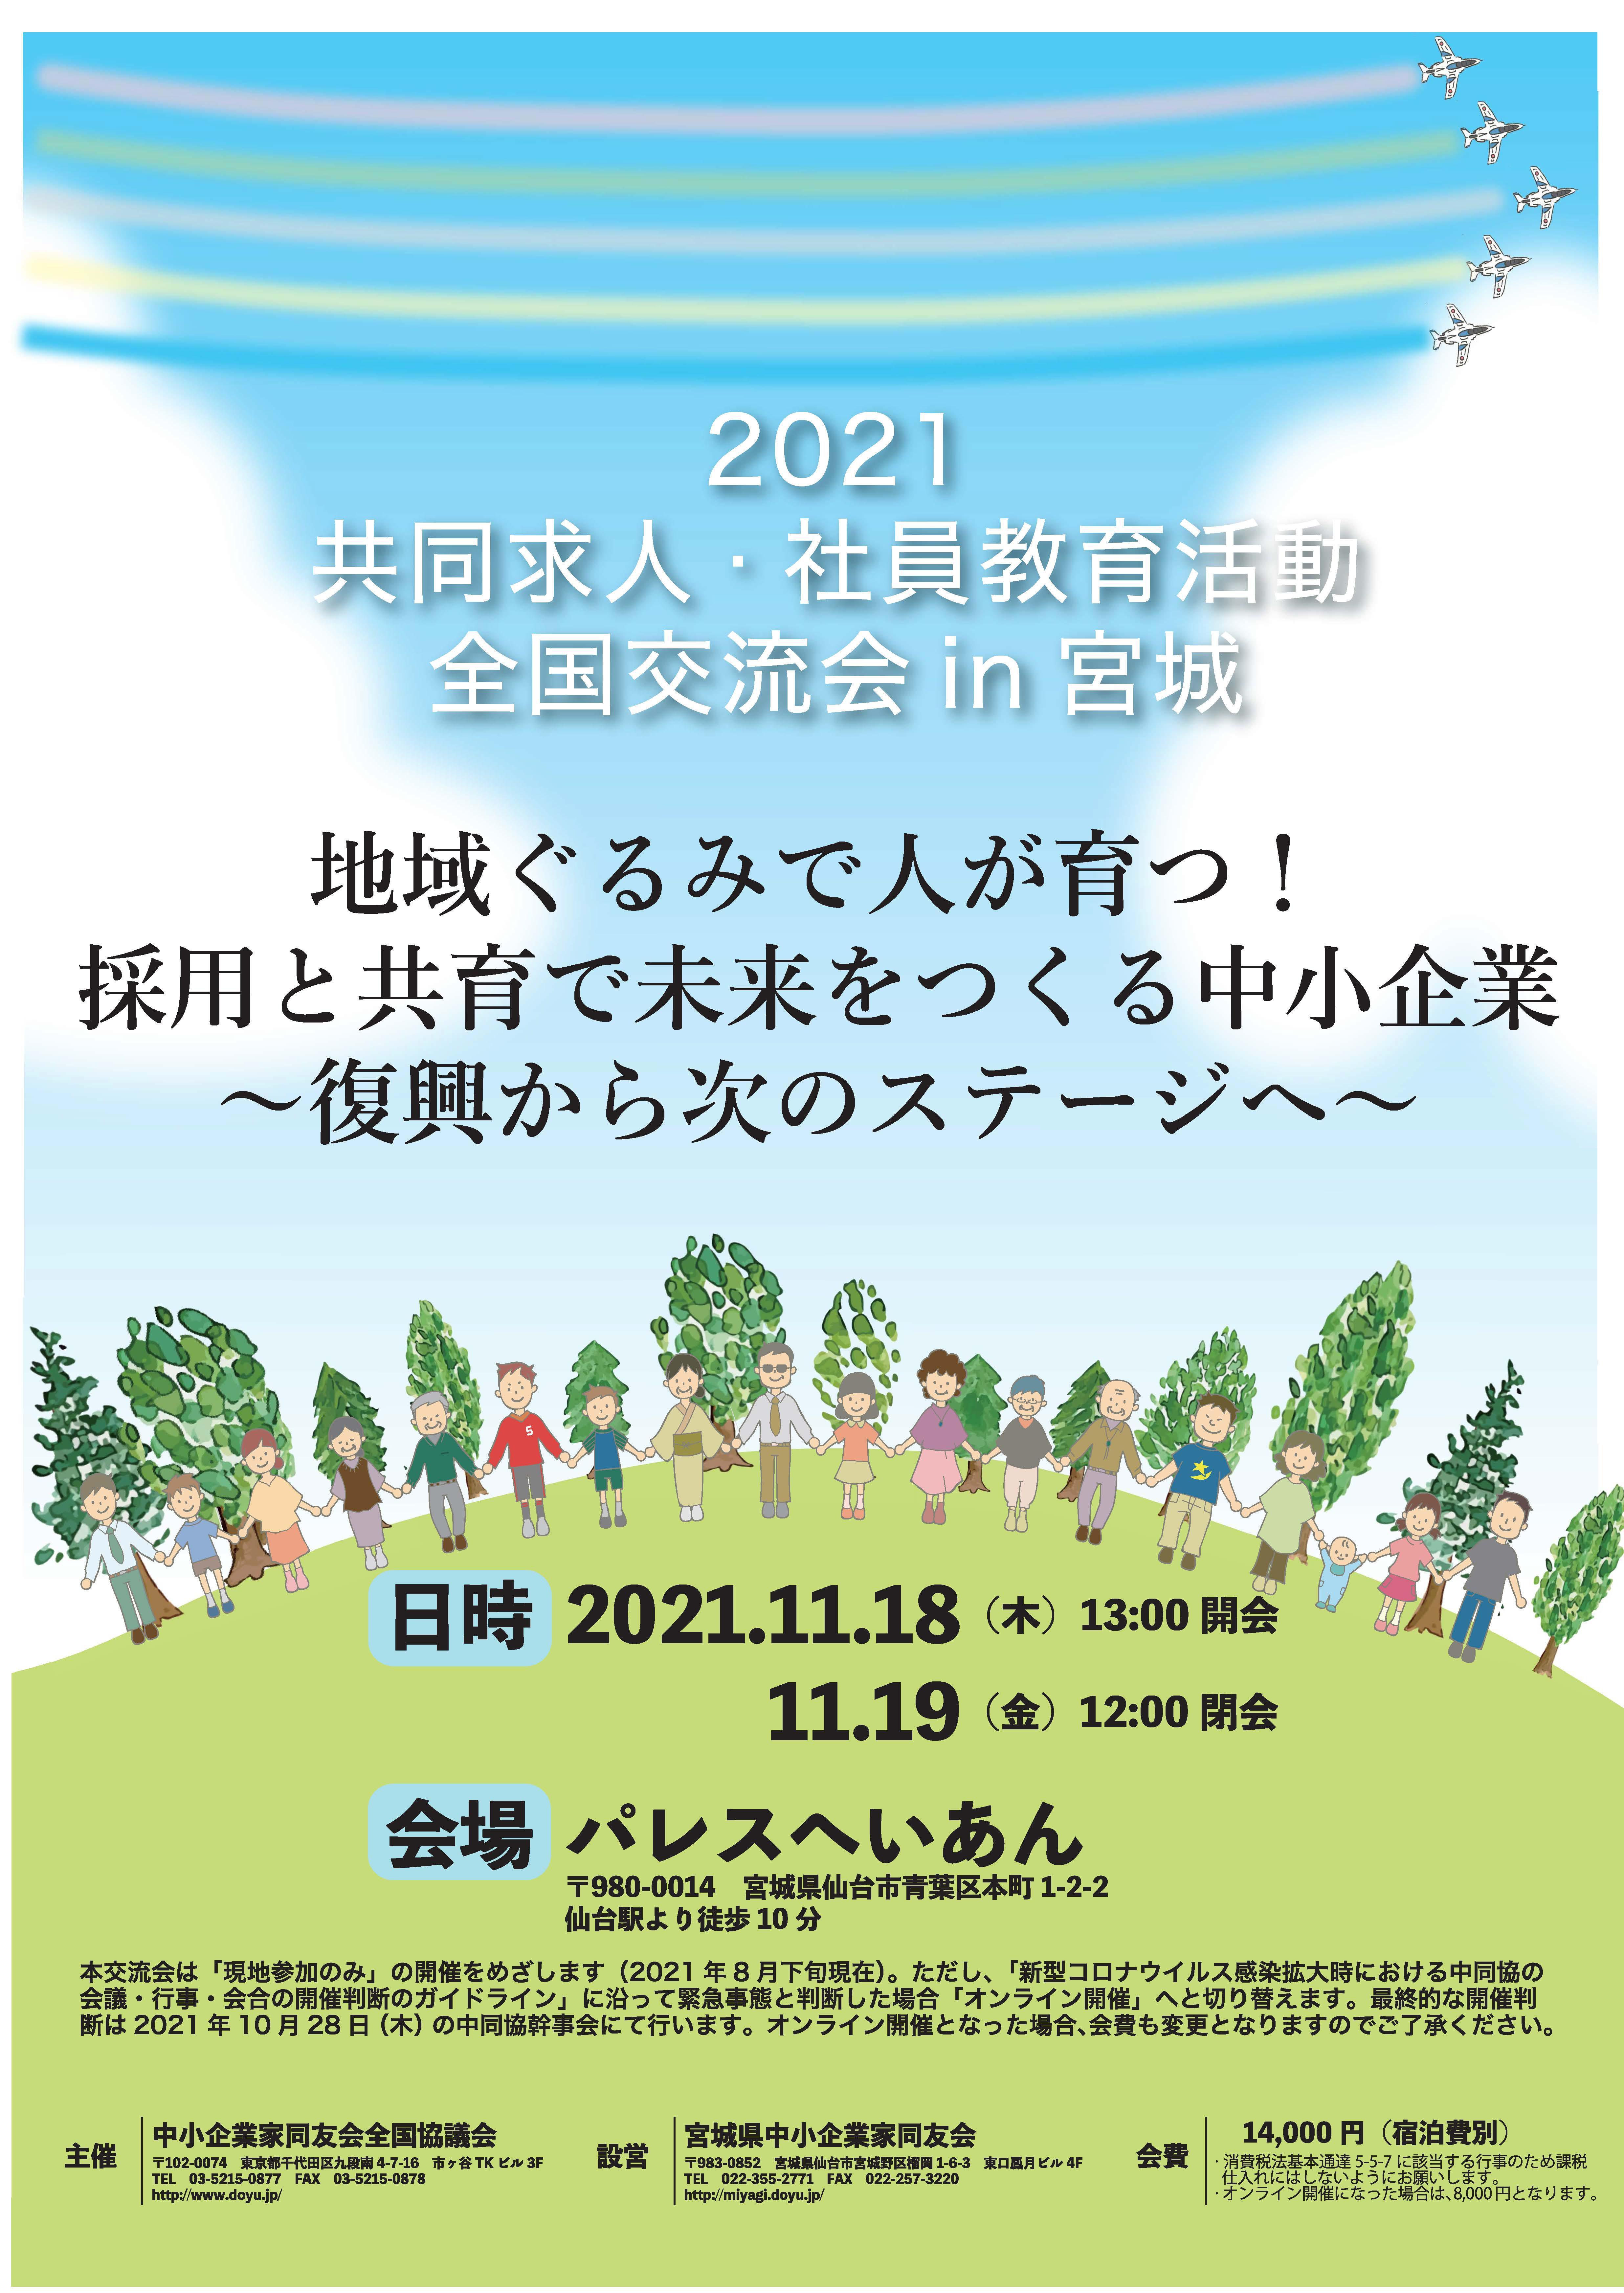 【完成版】2021共同求人社員教育活動全国交流会リーフレット_ページ_1.jpg